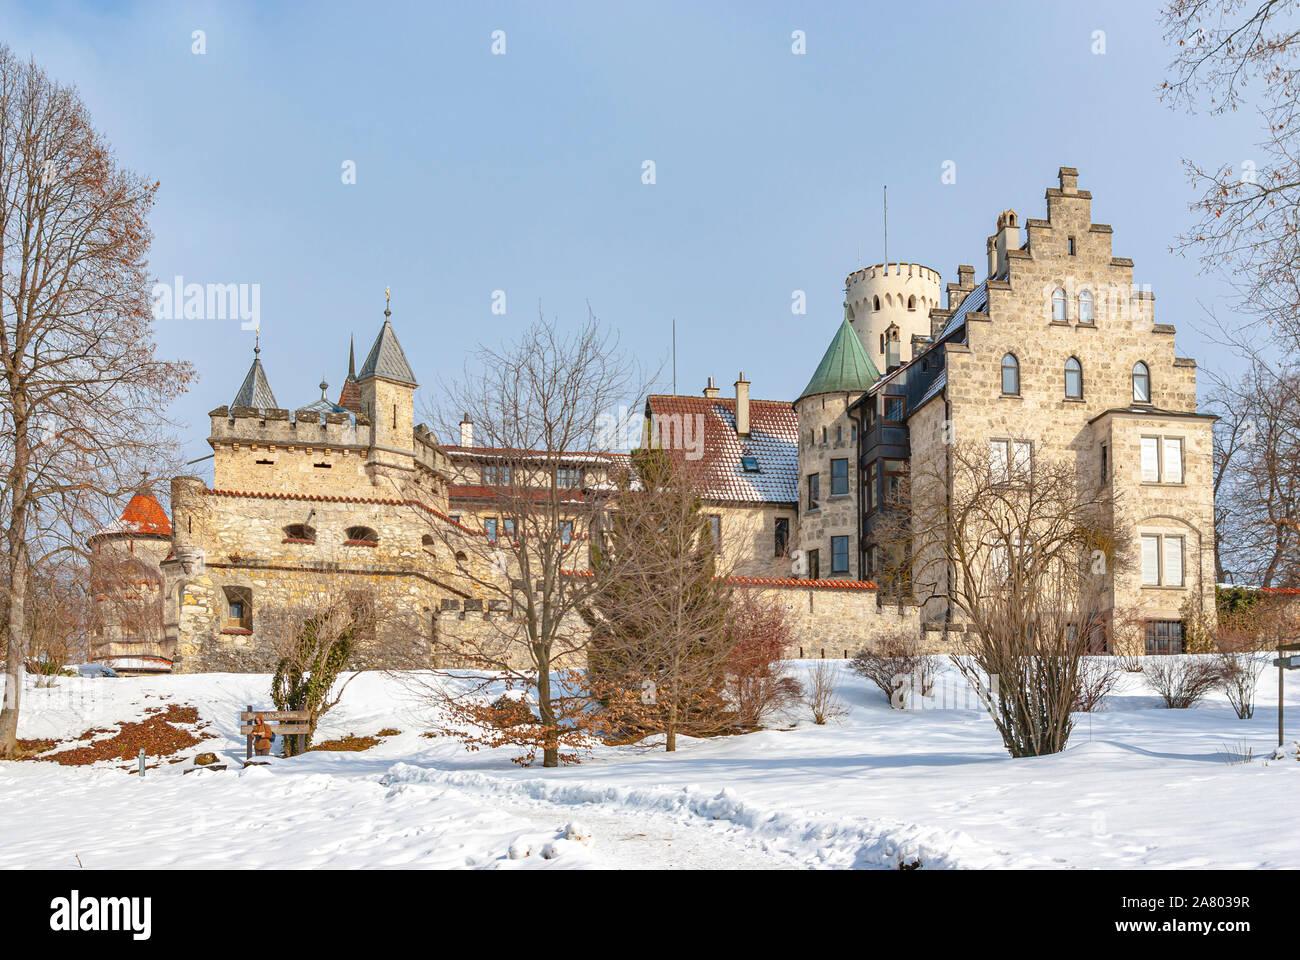 Außenansicht von Süden nach schöne winterliche Schloss Lichtenstein, Schwäbische Alb, Baden-Württemberg, Deutschland. Stockfoto